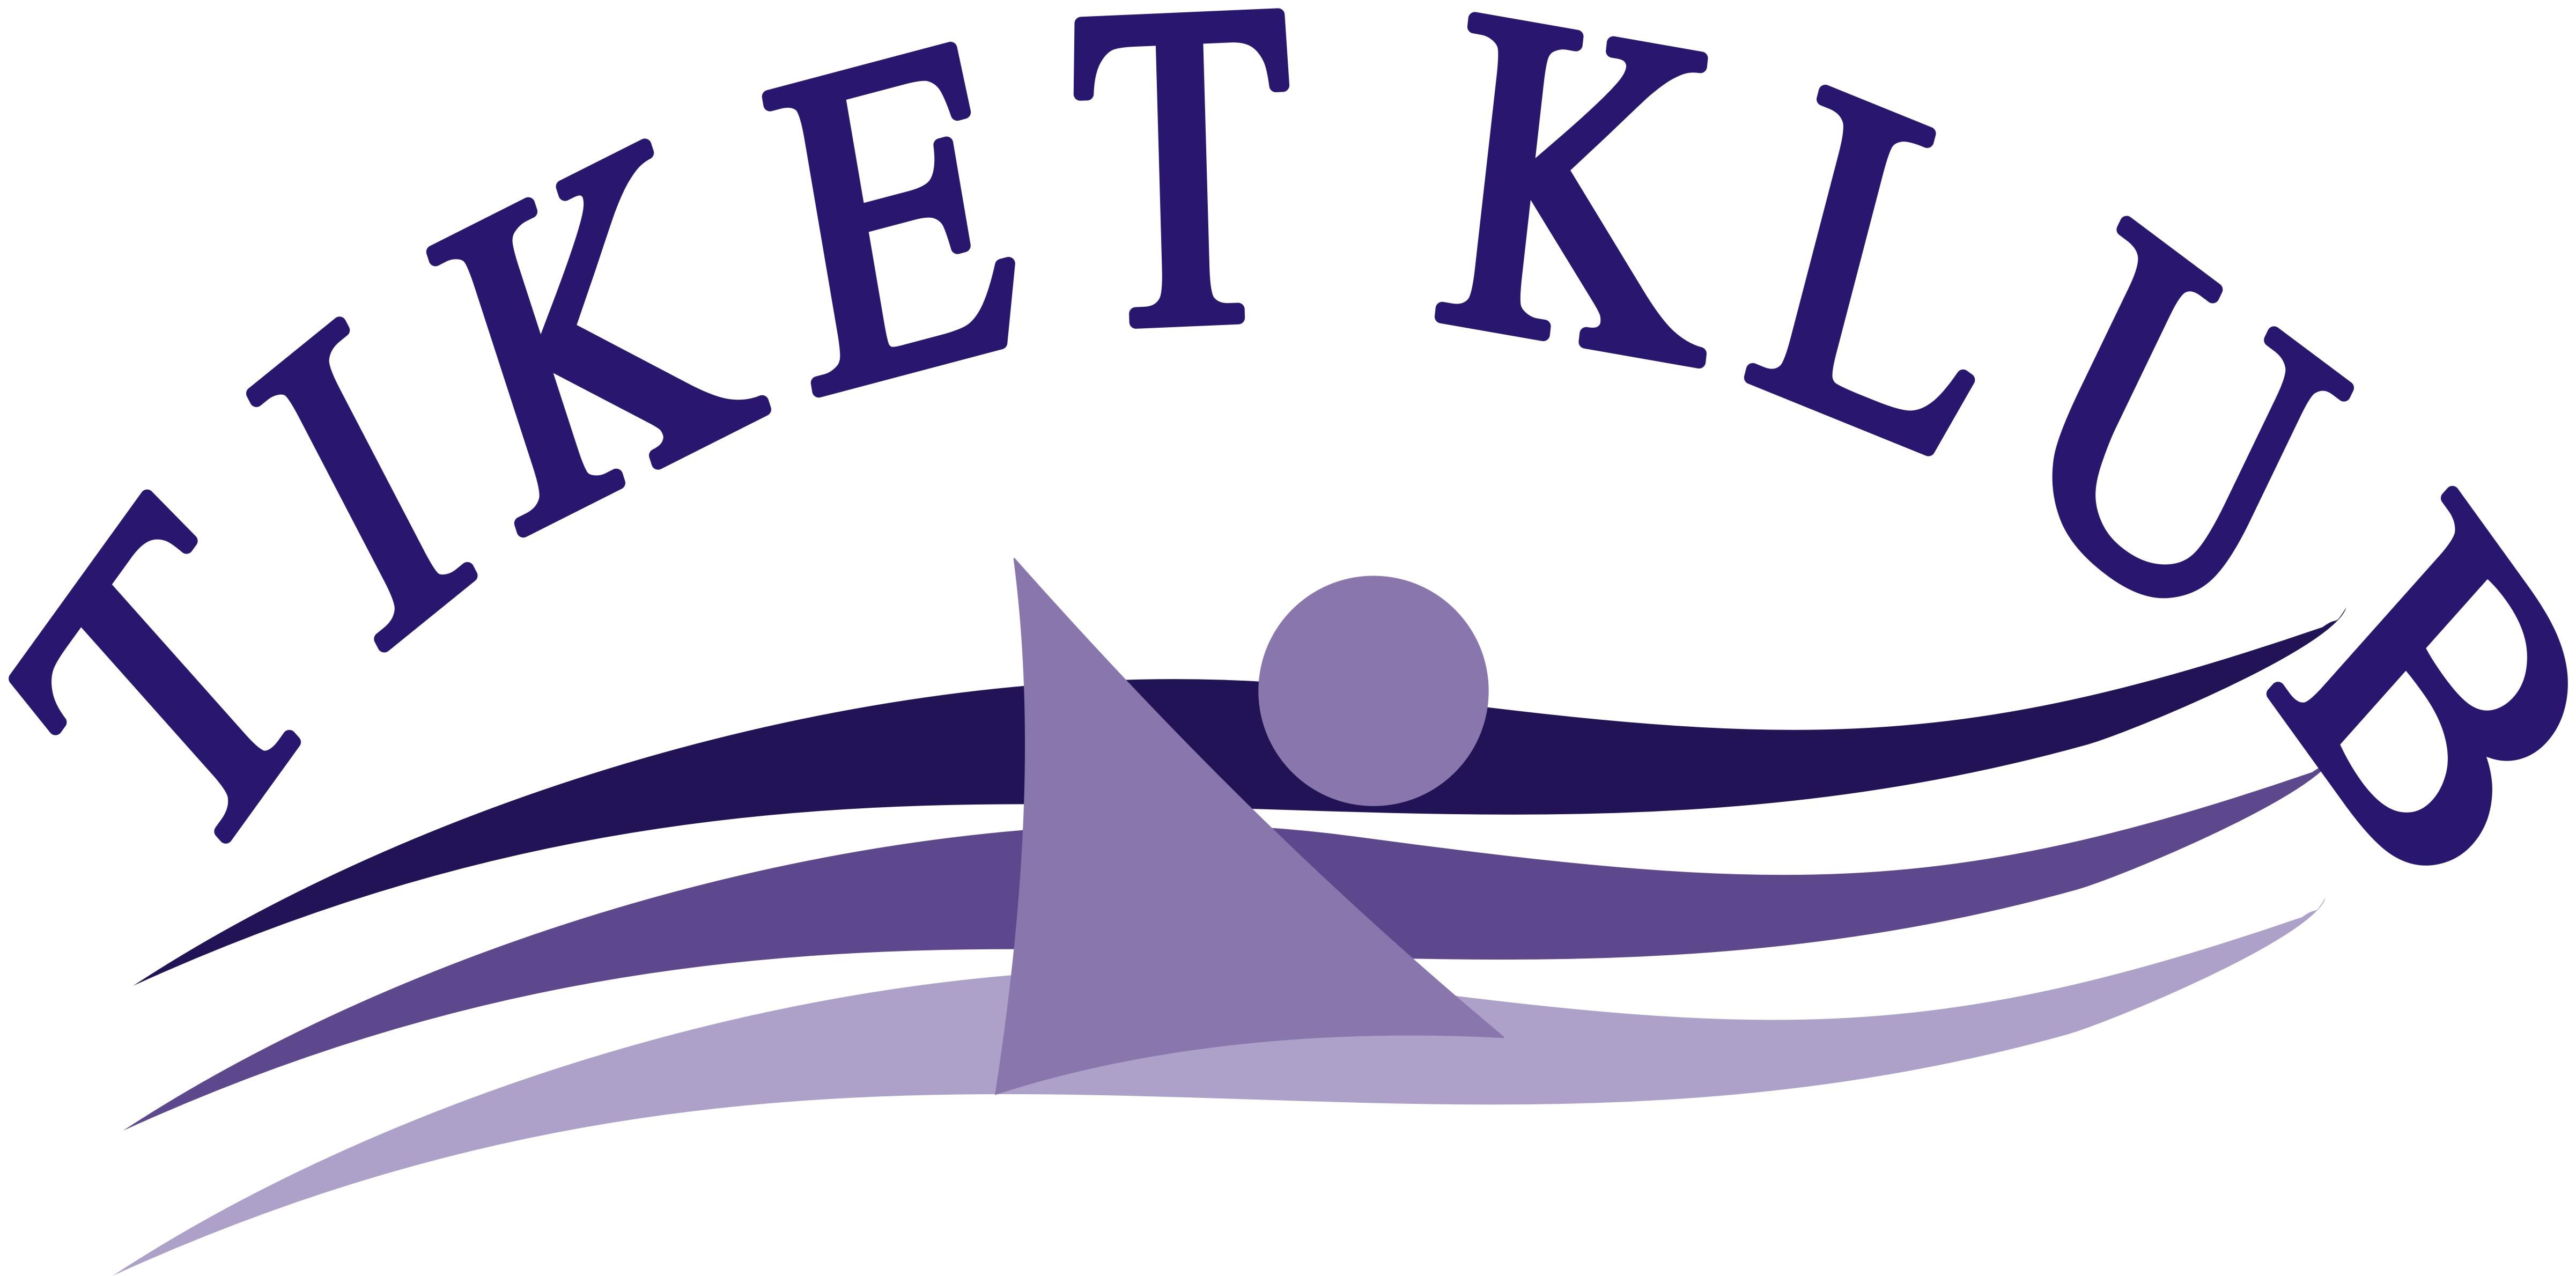 Tiket Klub, Beograd, Pancevo, karte za pozorista, karte za koncerte, karte za sport